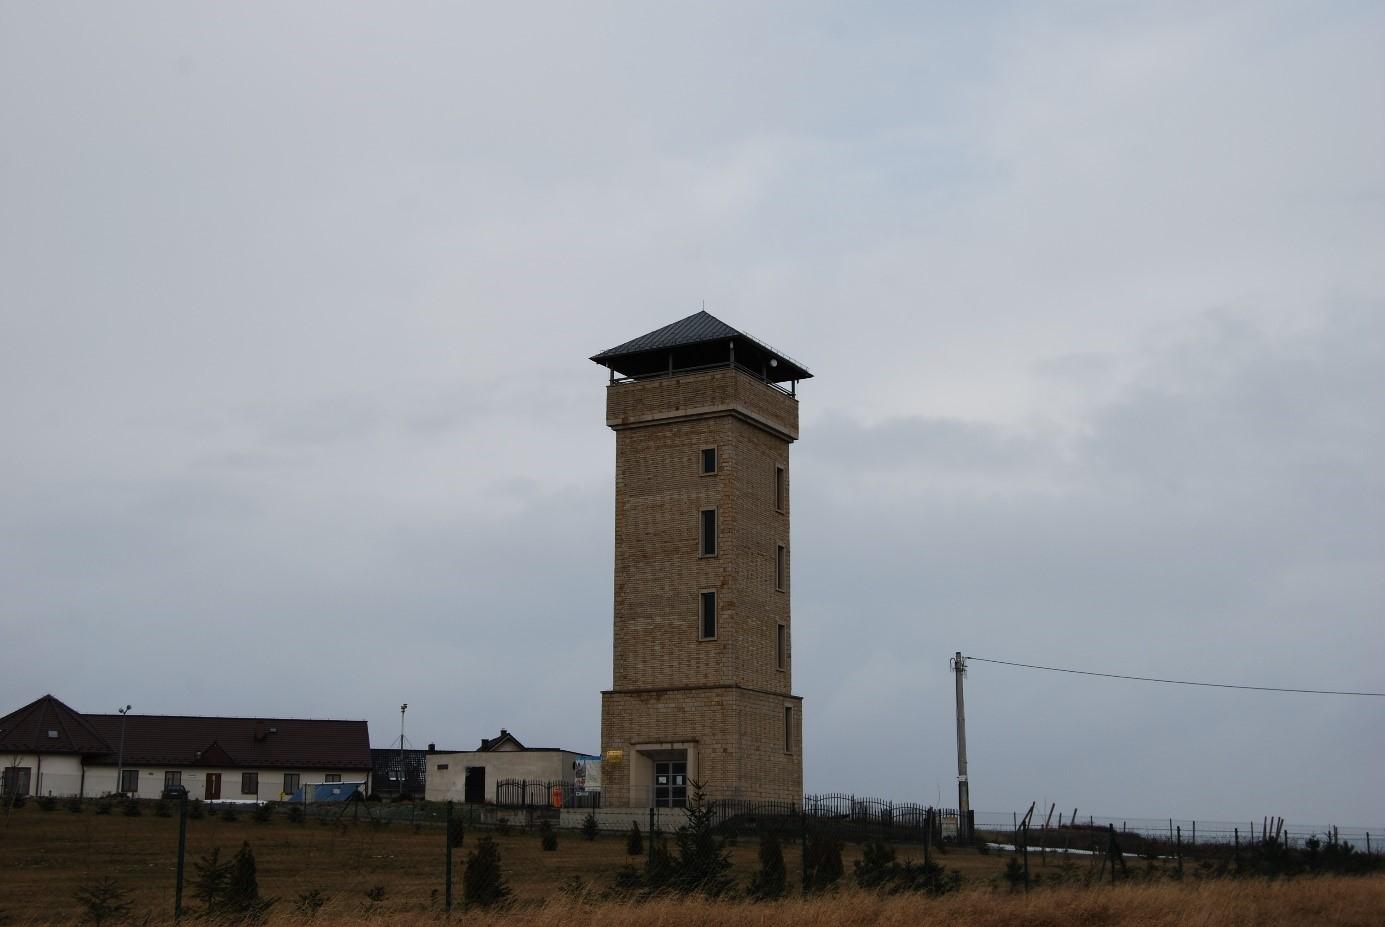 Rys. 1. Wieża widokowa Suszynka (źródło własne)